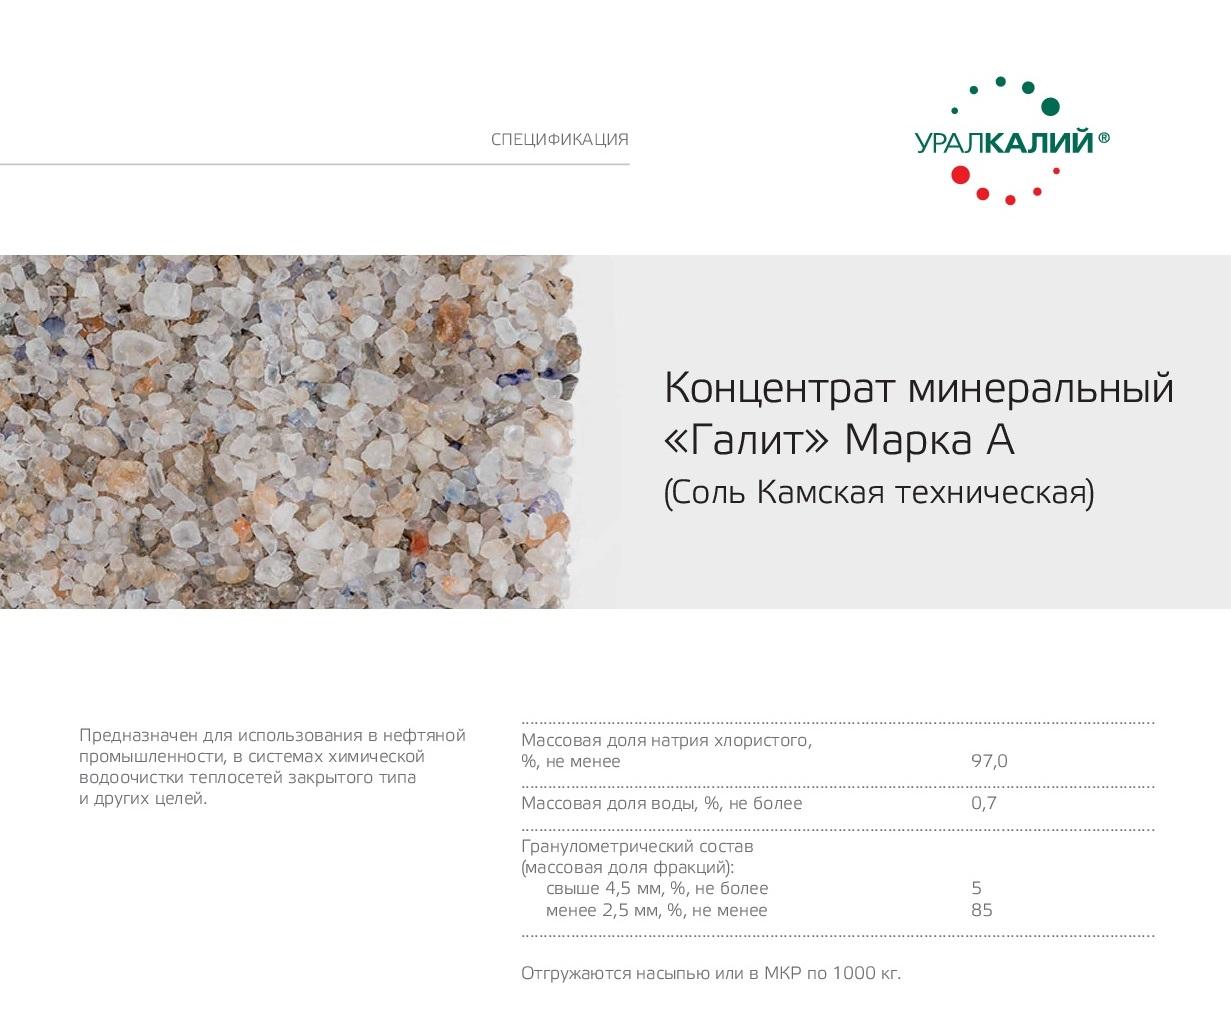 Спецификация-Уралкалий Galit_A